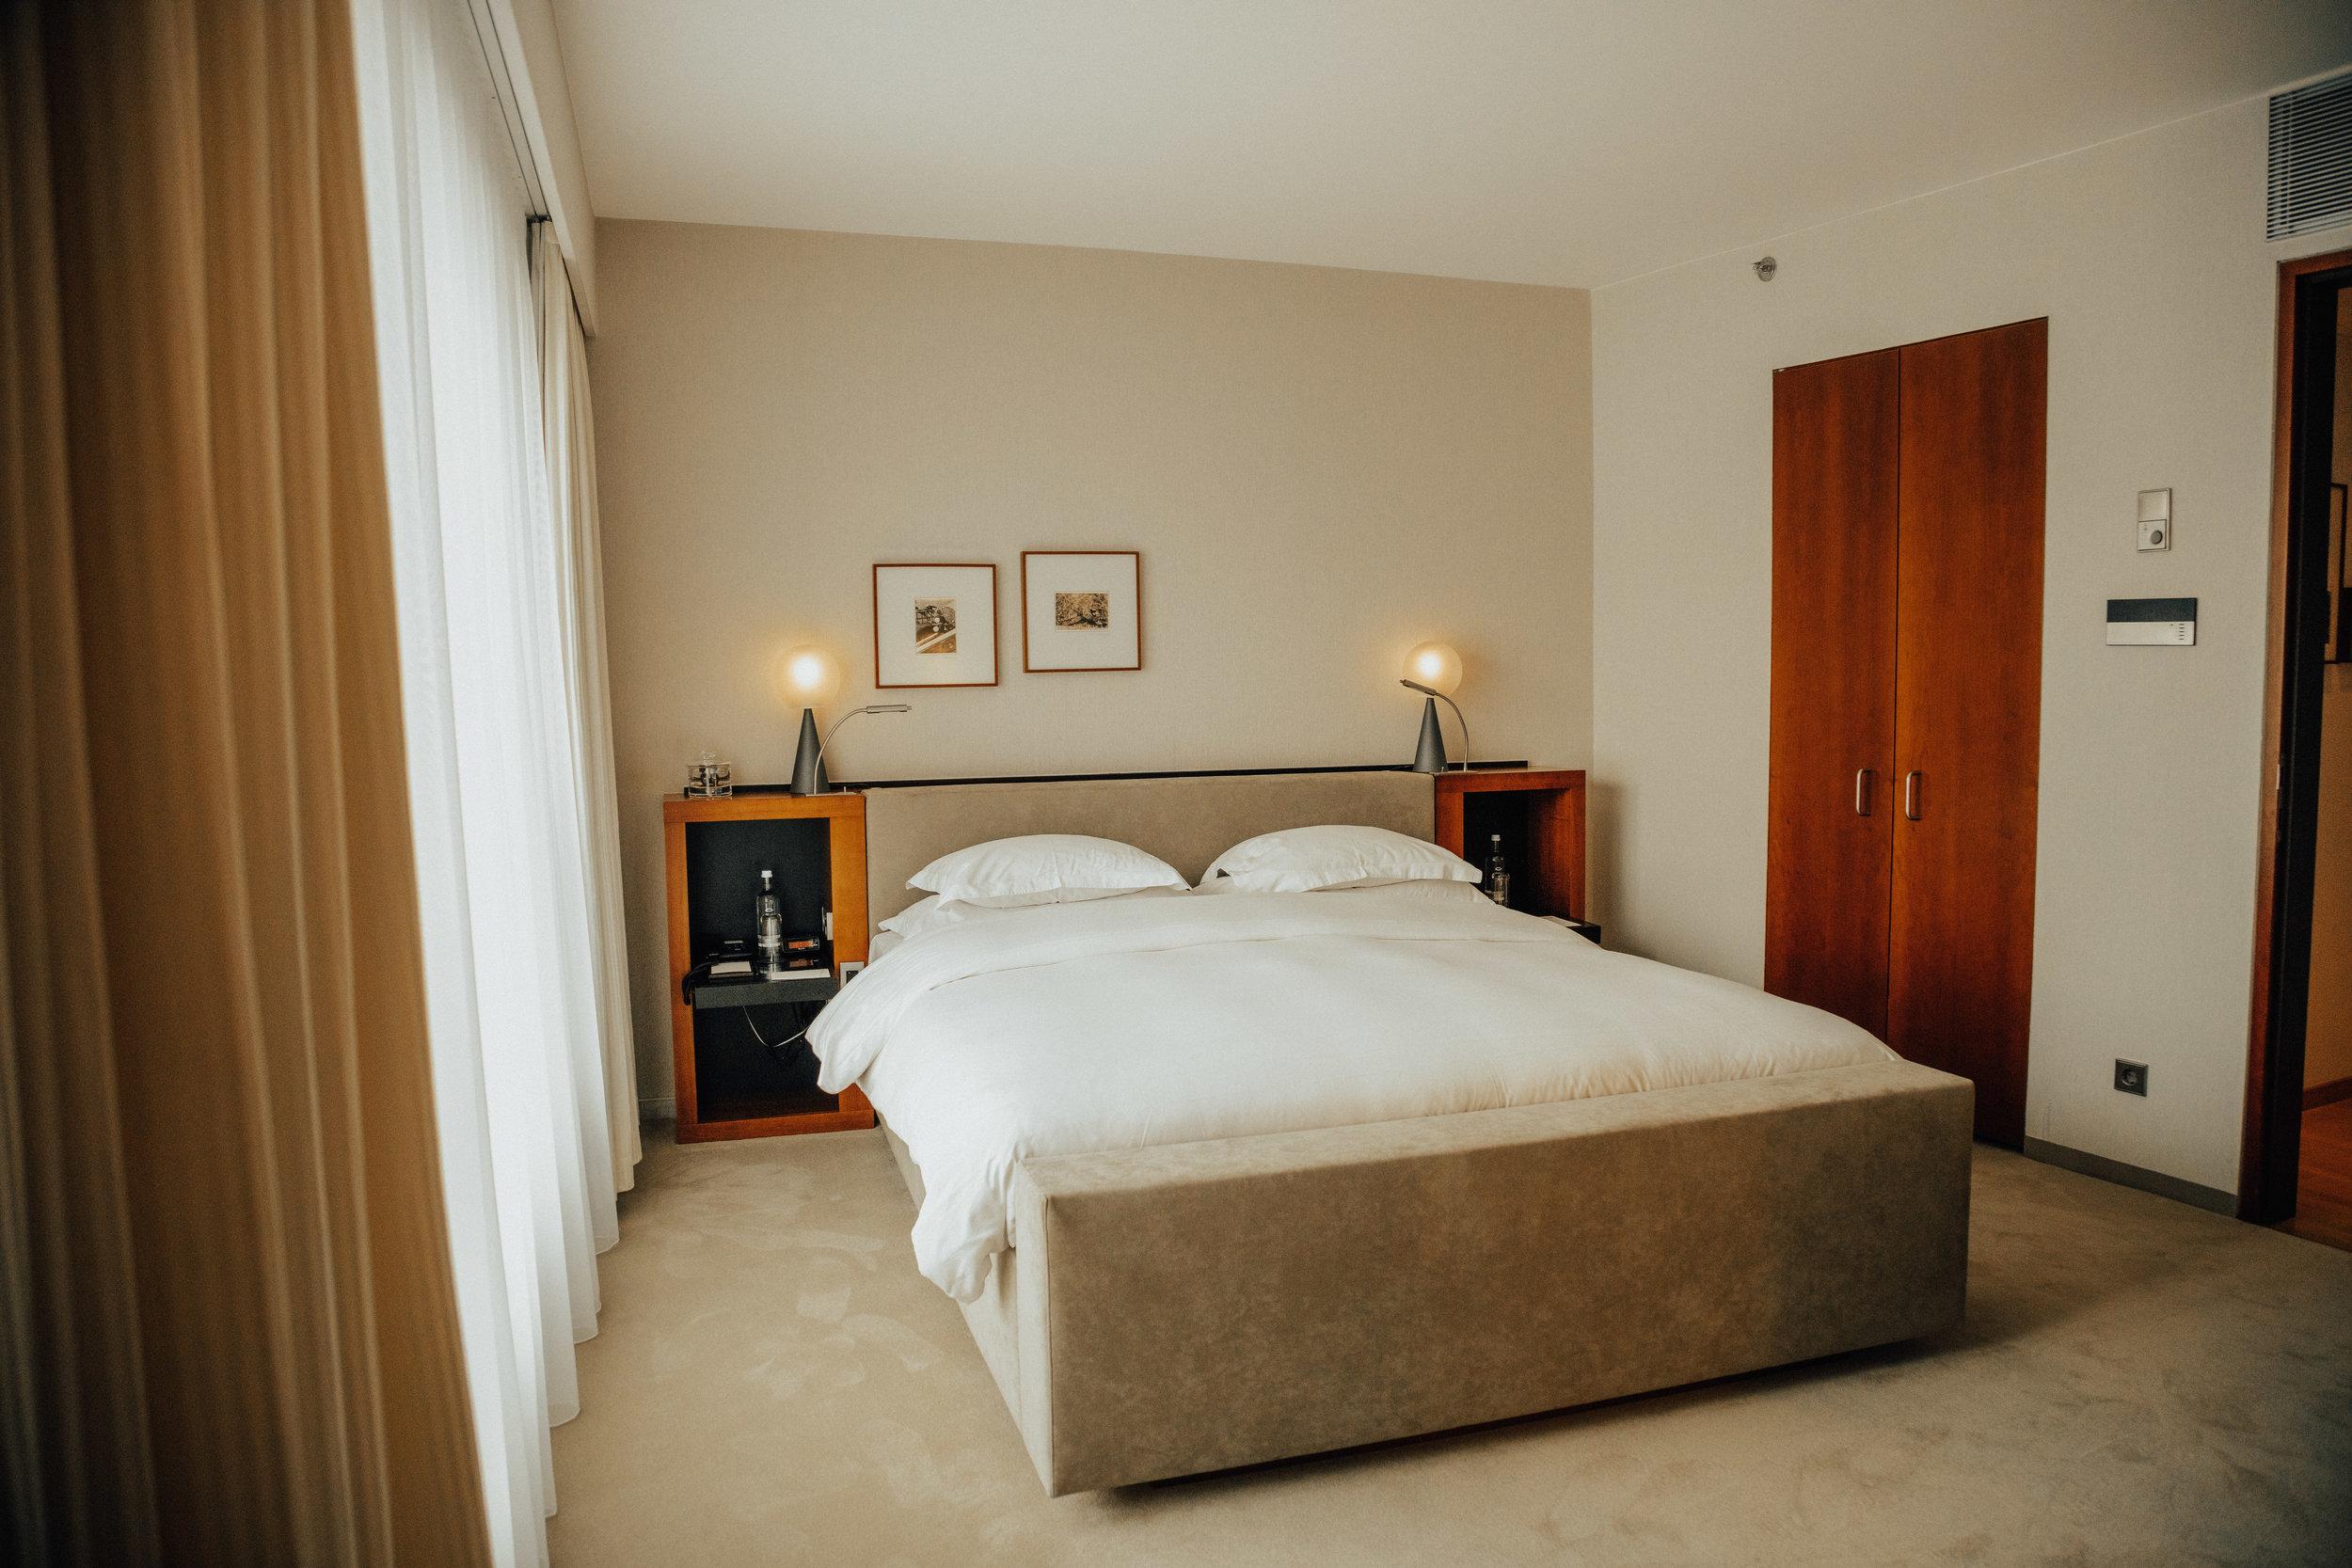 Sug-SeanxPaulaPotry-Hyatt-hotel-Berlin-12.jpg